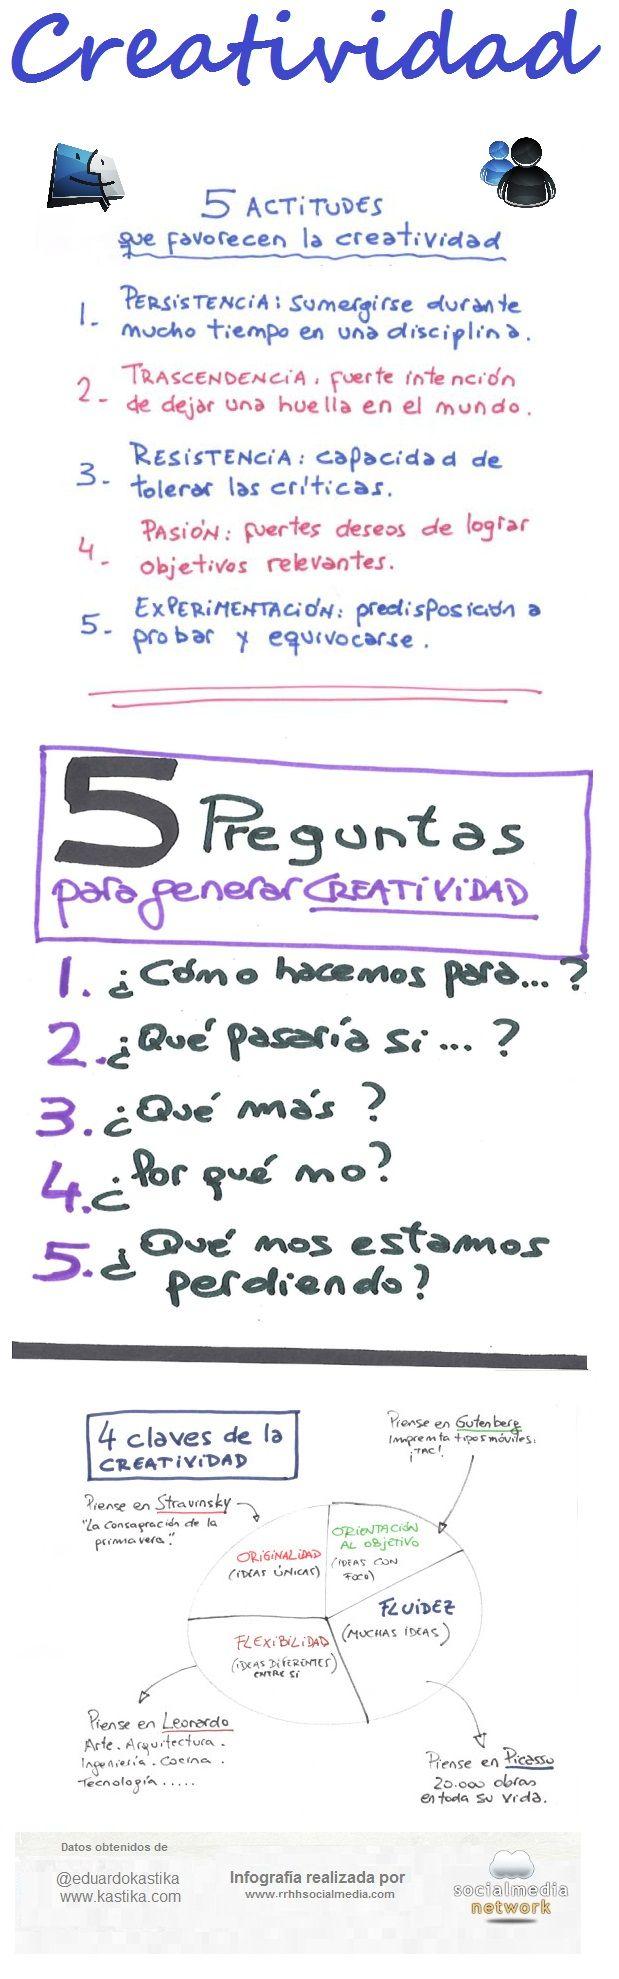 Creatividad: 5 actitudes, 5 Preguntas, 4 claves [INNOVACION]